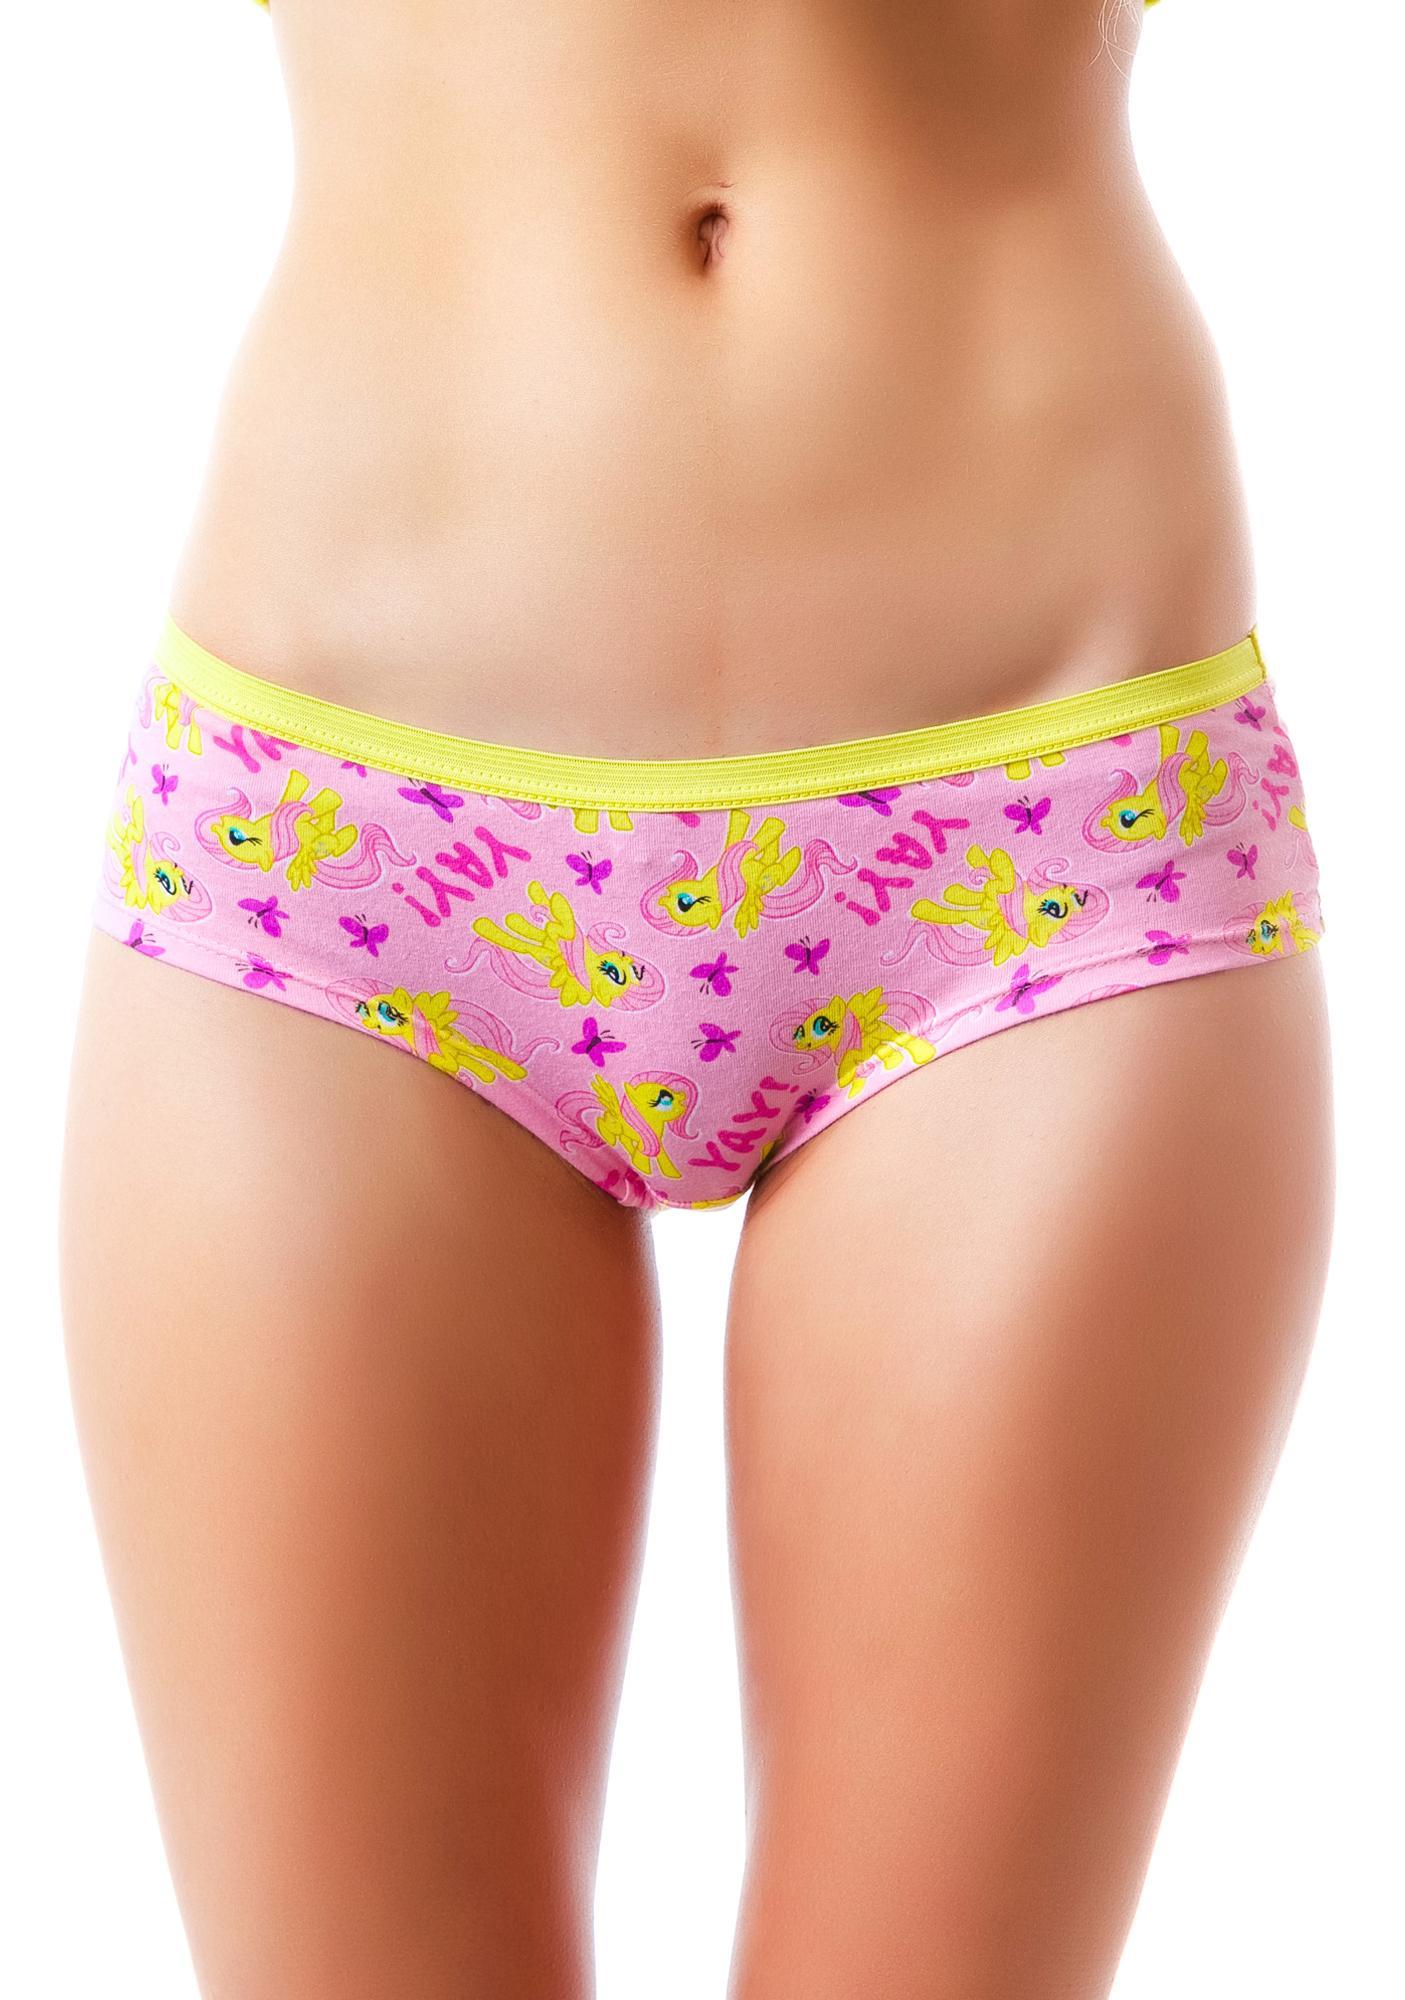 little  cute  panties